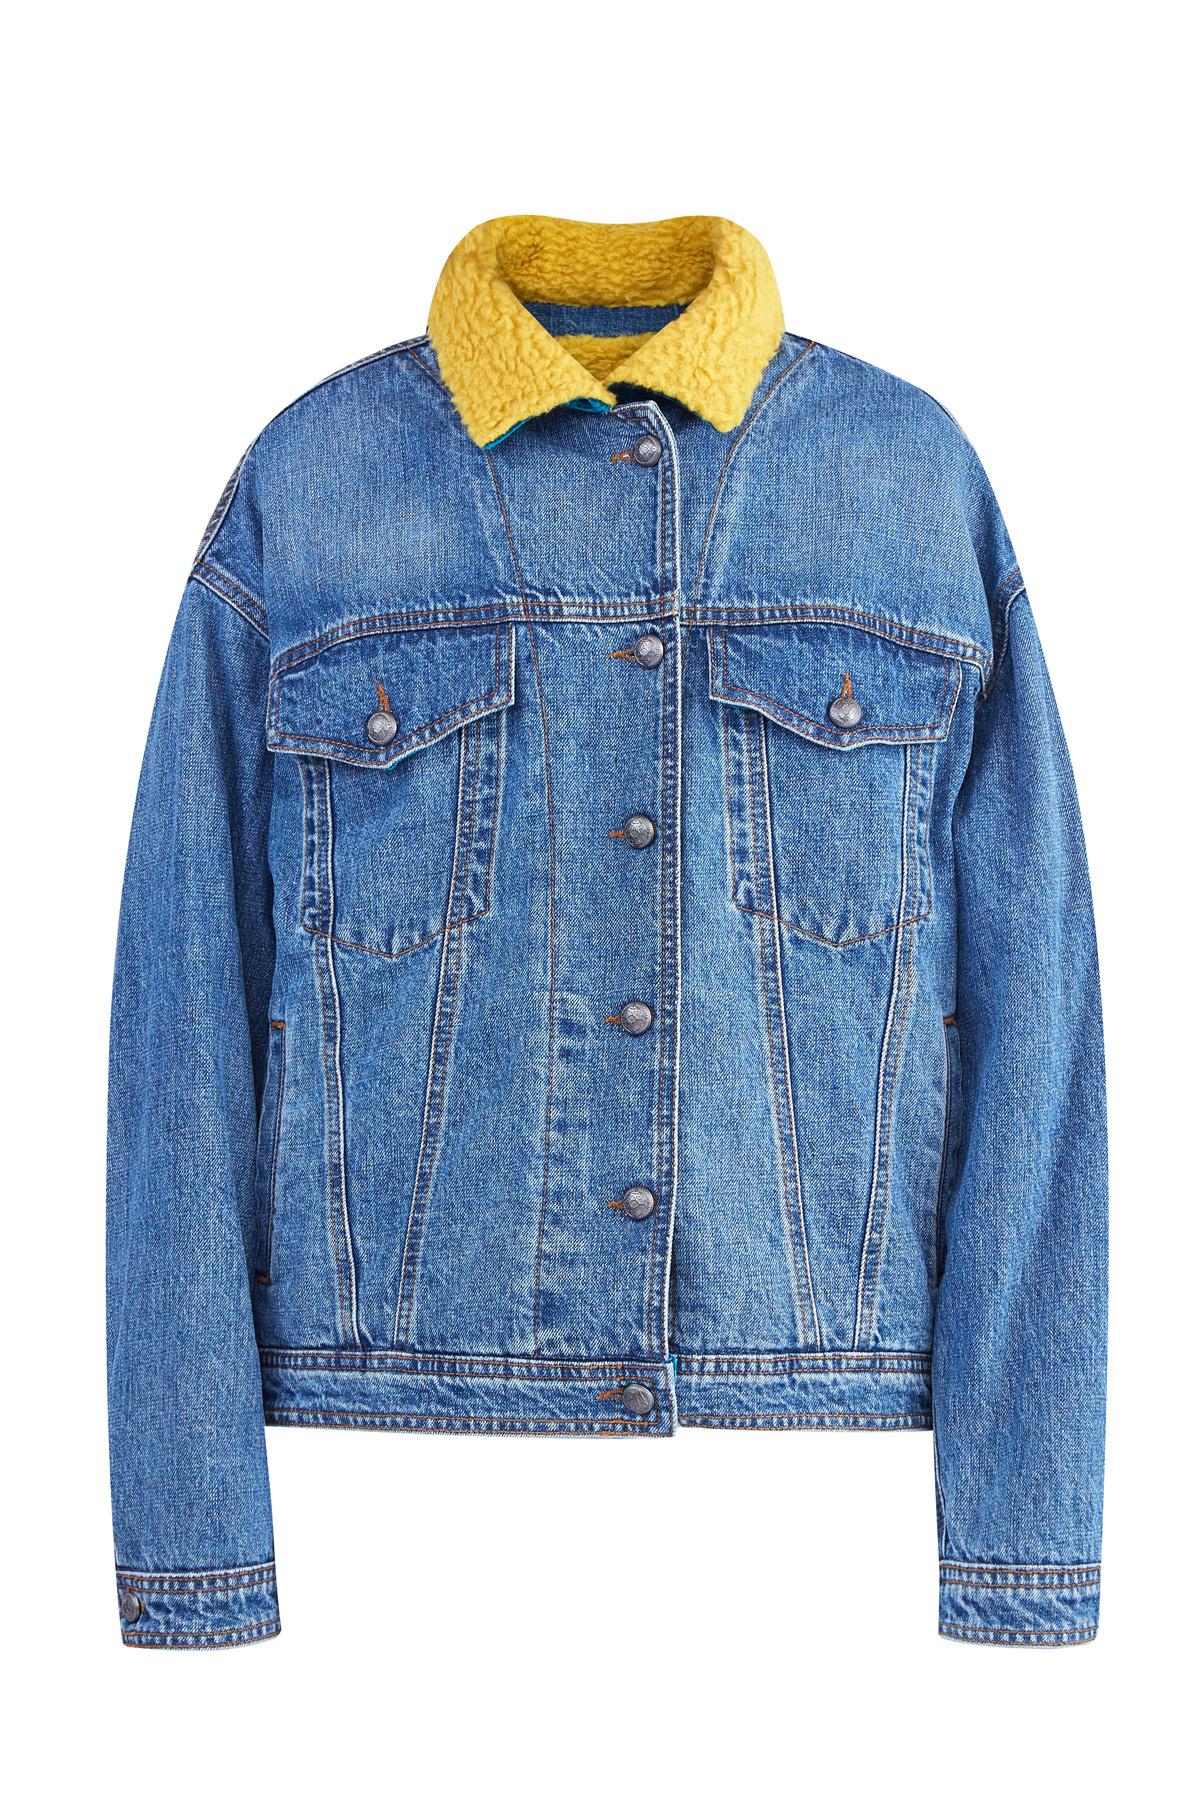 Купить Куртка, ETRO, Италия, хлопок 100%, шерсть 65%, хлопок 35%